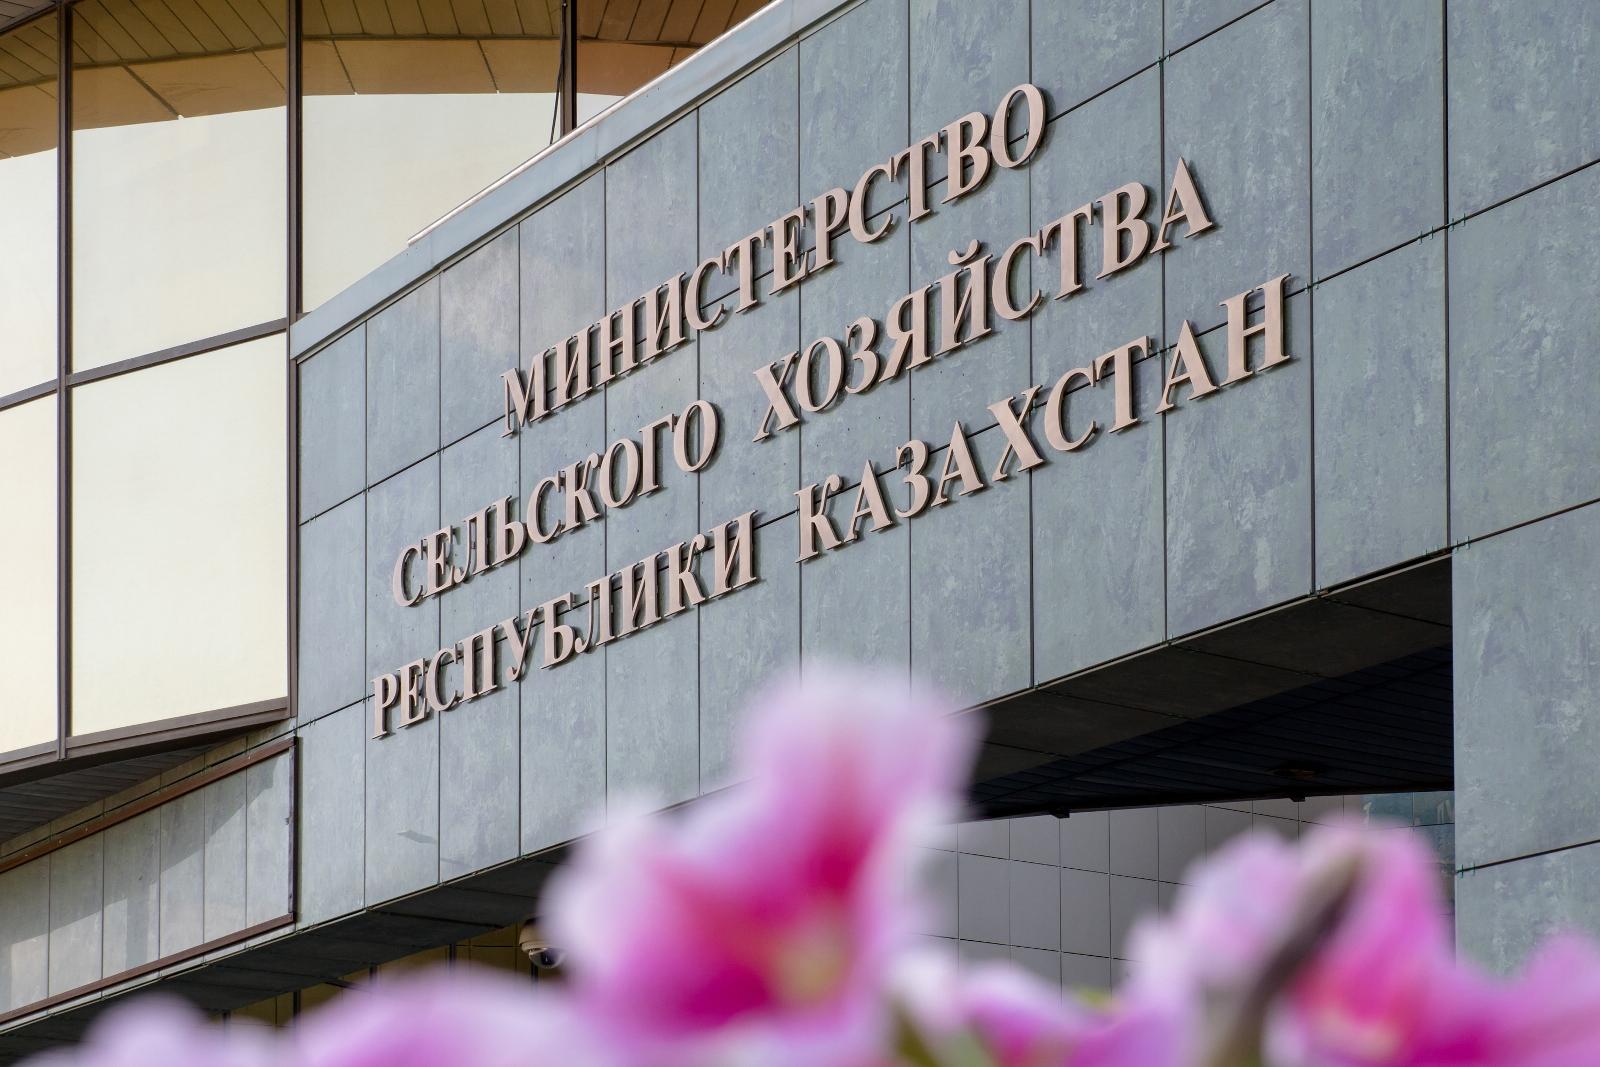 В действиях МСХ РК установлены признаки ограничения конкуренции